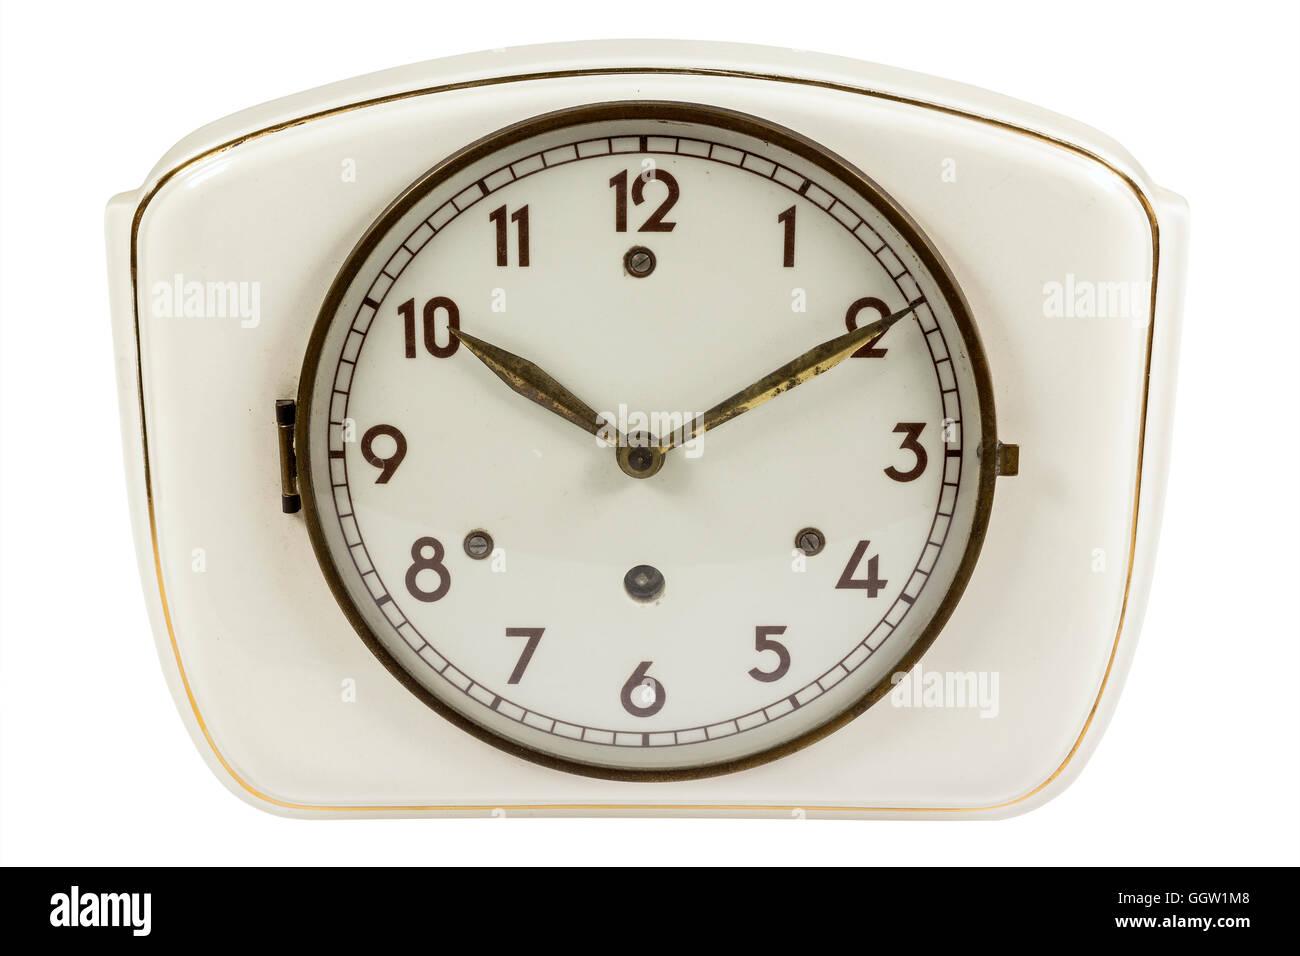 Antiguo reloj de cocina de cerámica con punteros de metal aislado en ...